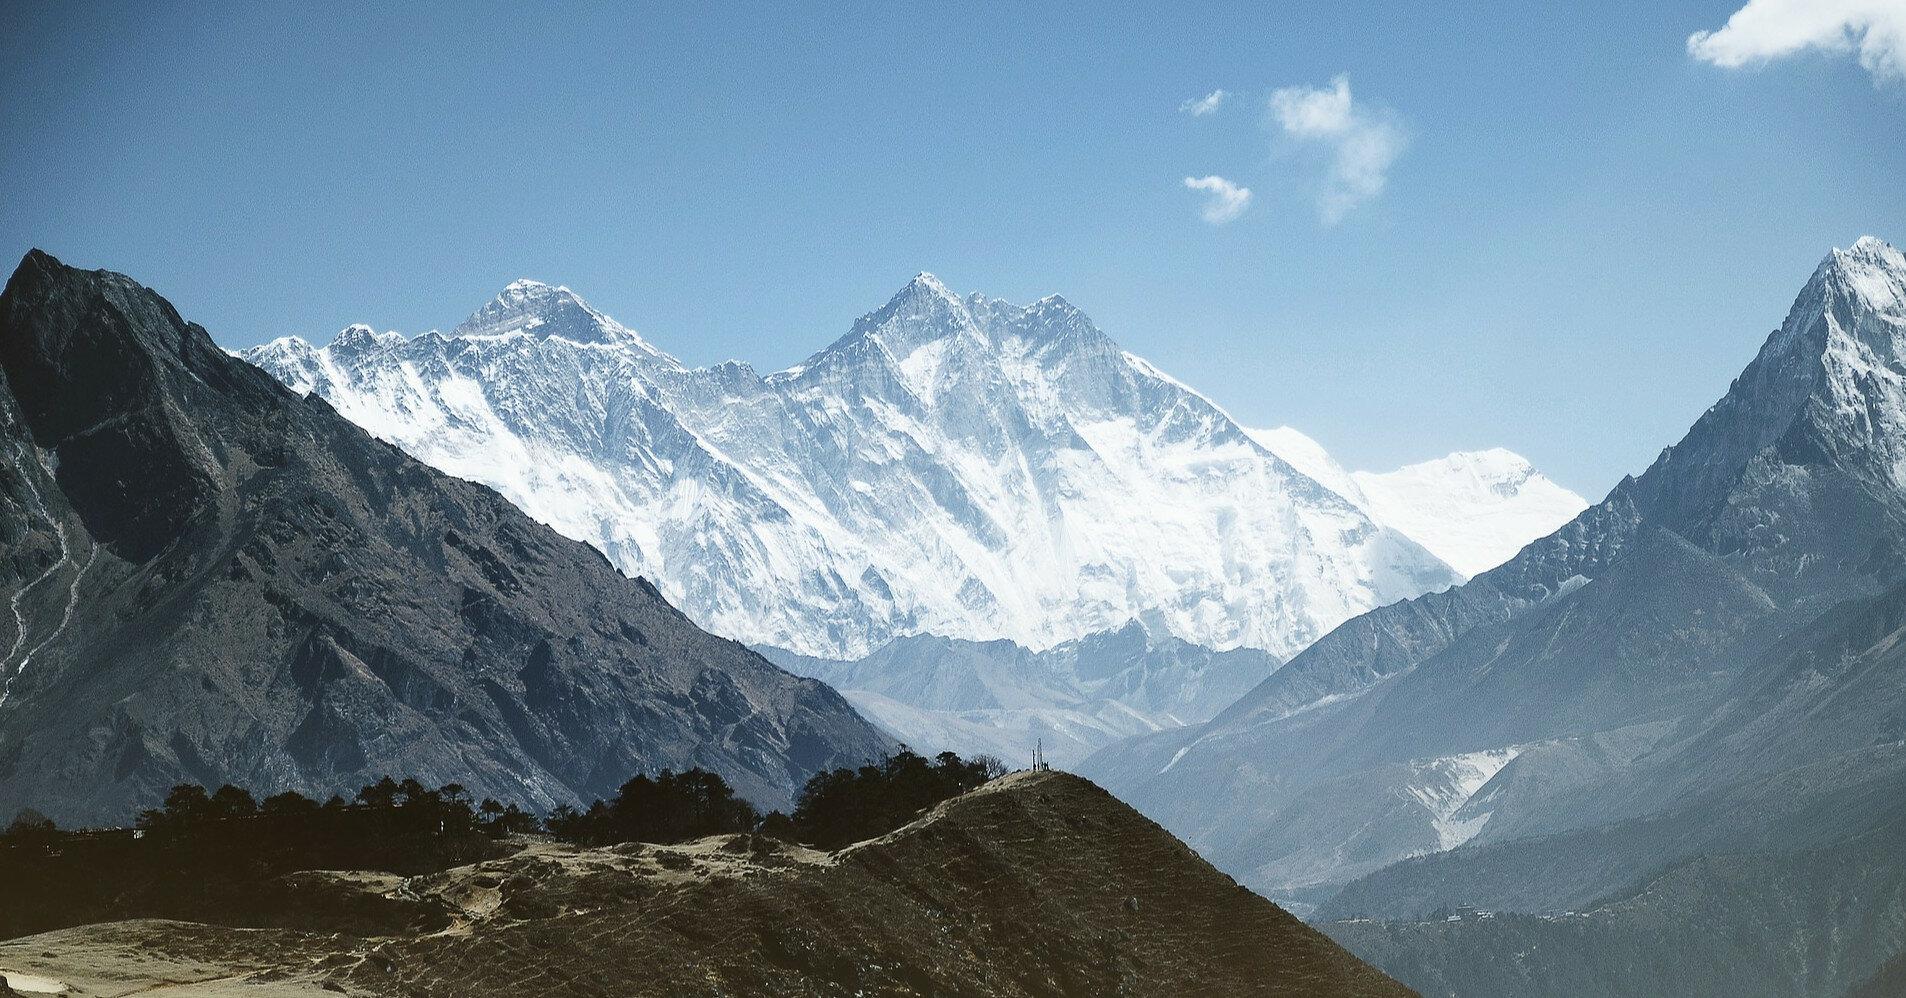 Украинская альпинистка попала в скандал с восхождением на Эверест